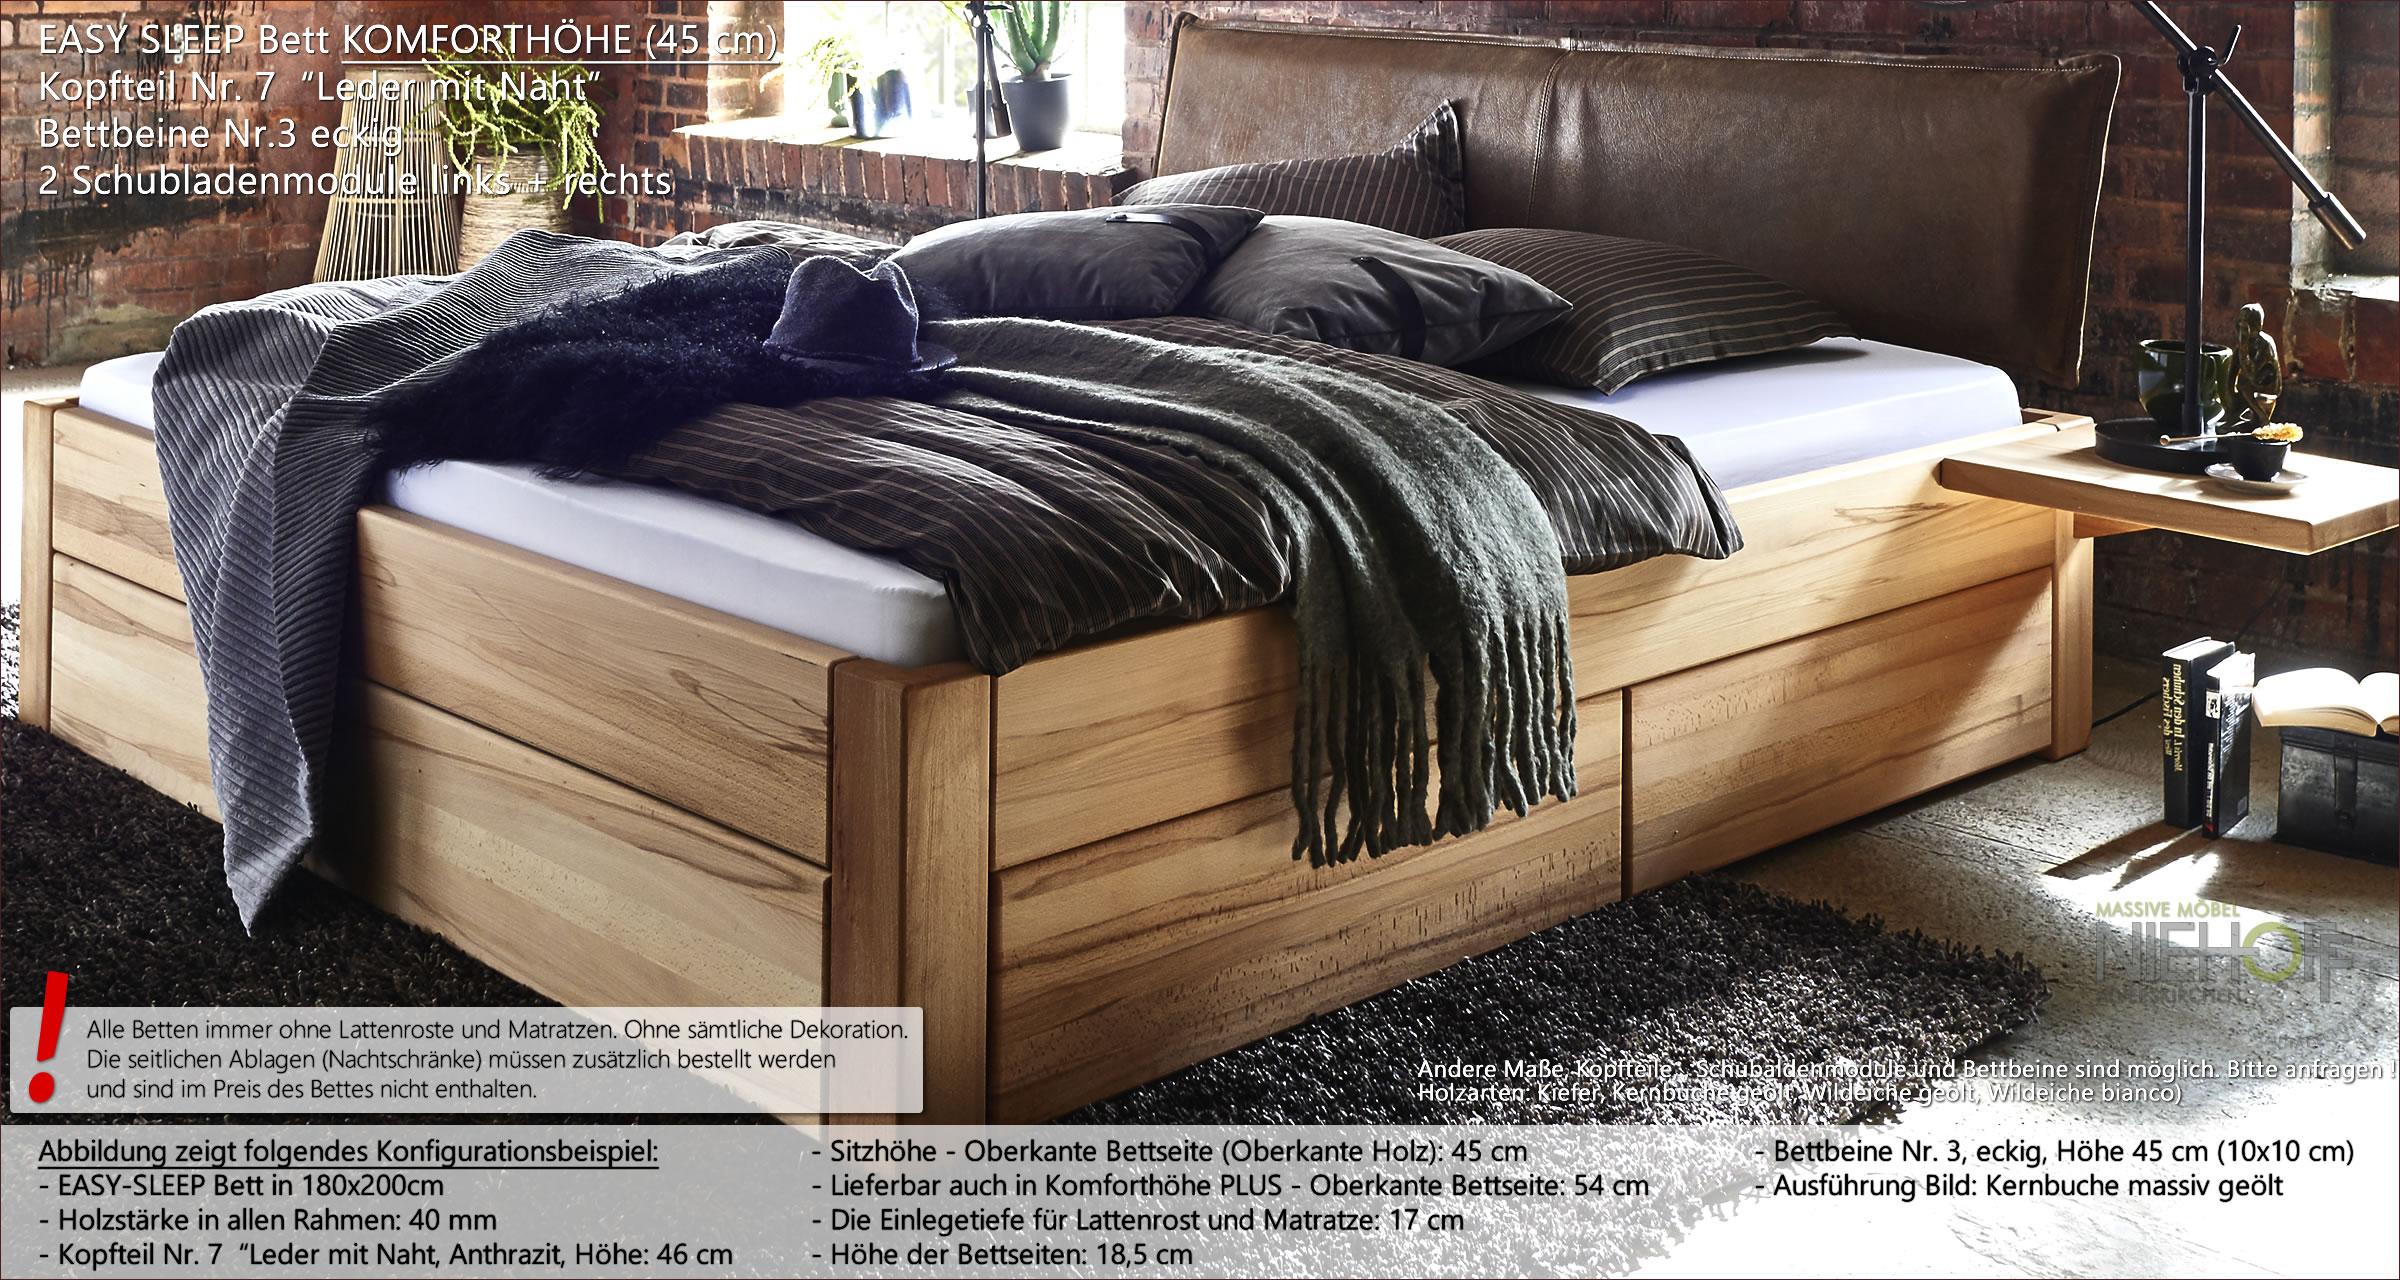 Full Size of Modernes Bett 180x200 220 X Amazon Betten Platzsparend Jensen Stauraum 120x200 Mit Matratze Und Lattenrost 200x200 Bettkasten Köln Bette Badewannen Bett Kopfteil Bett 140